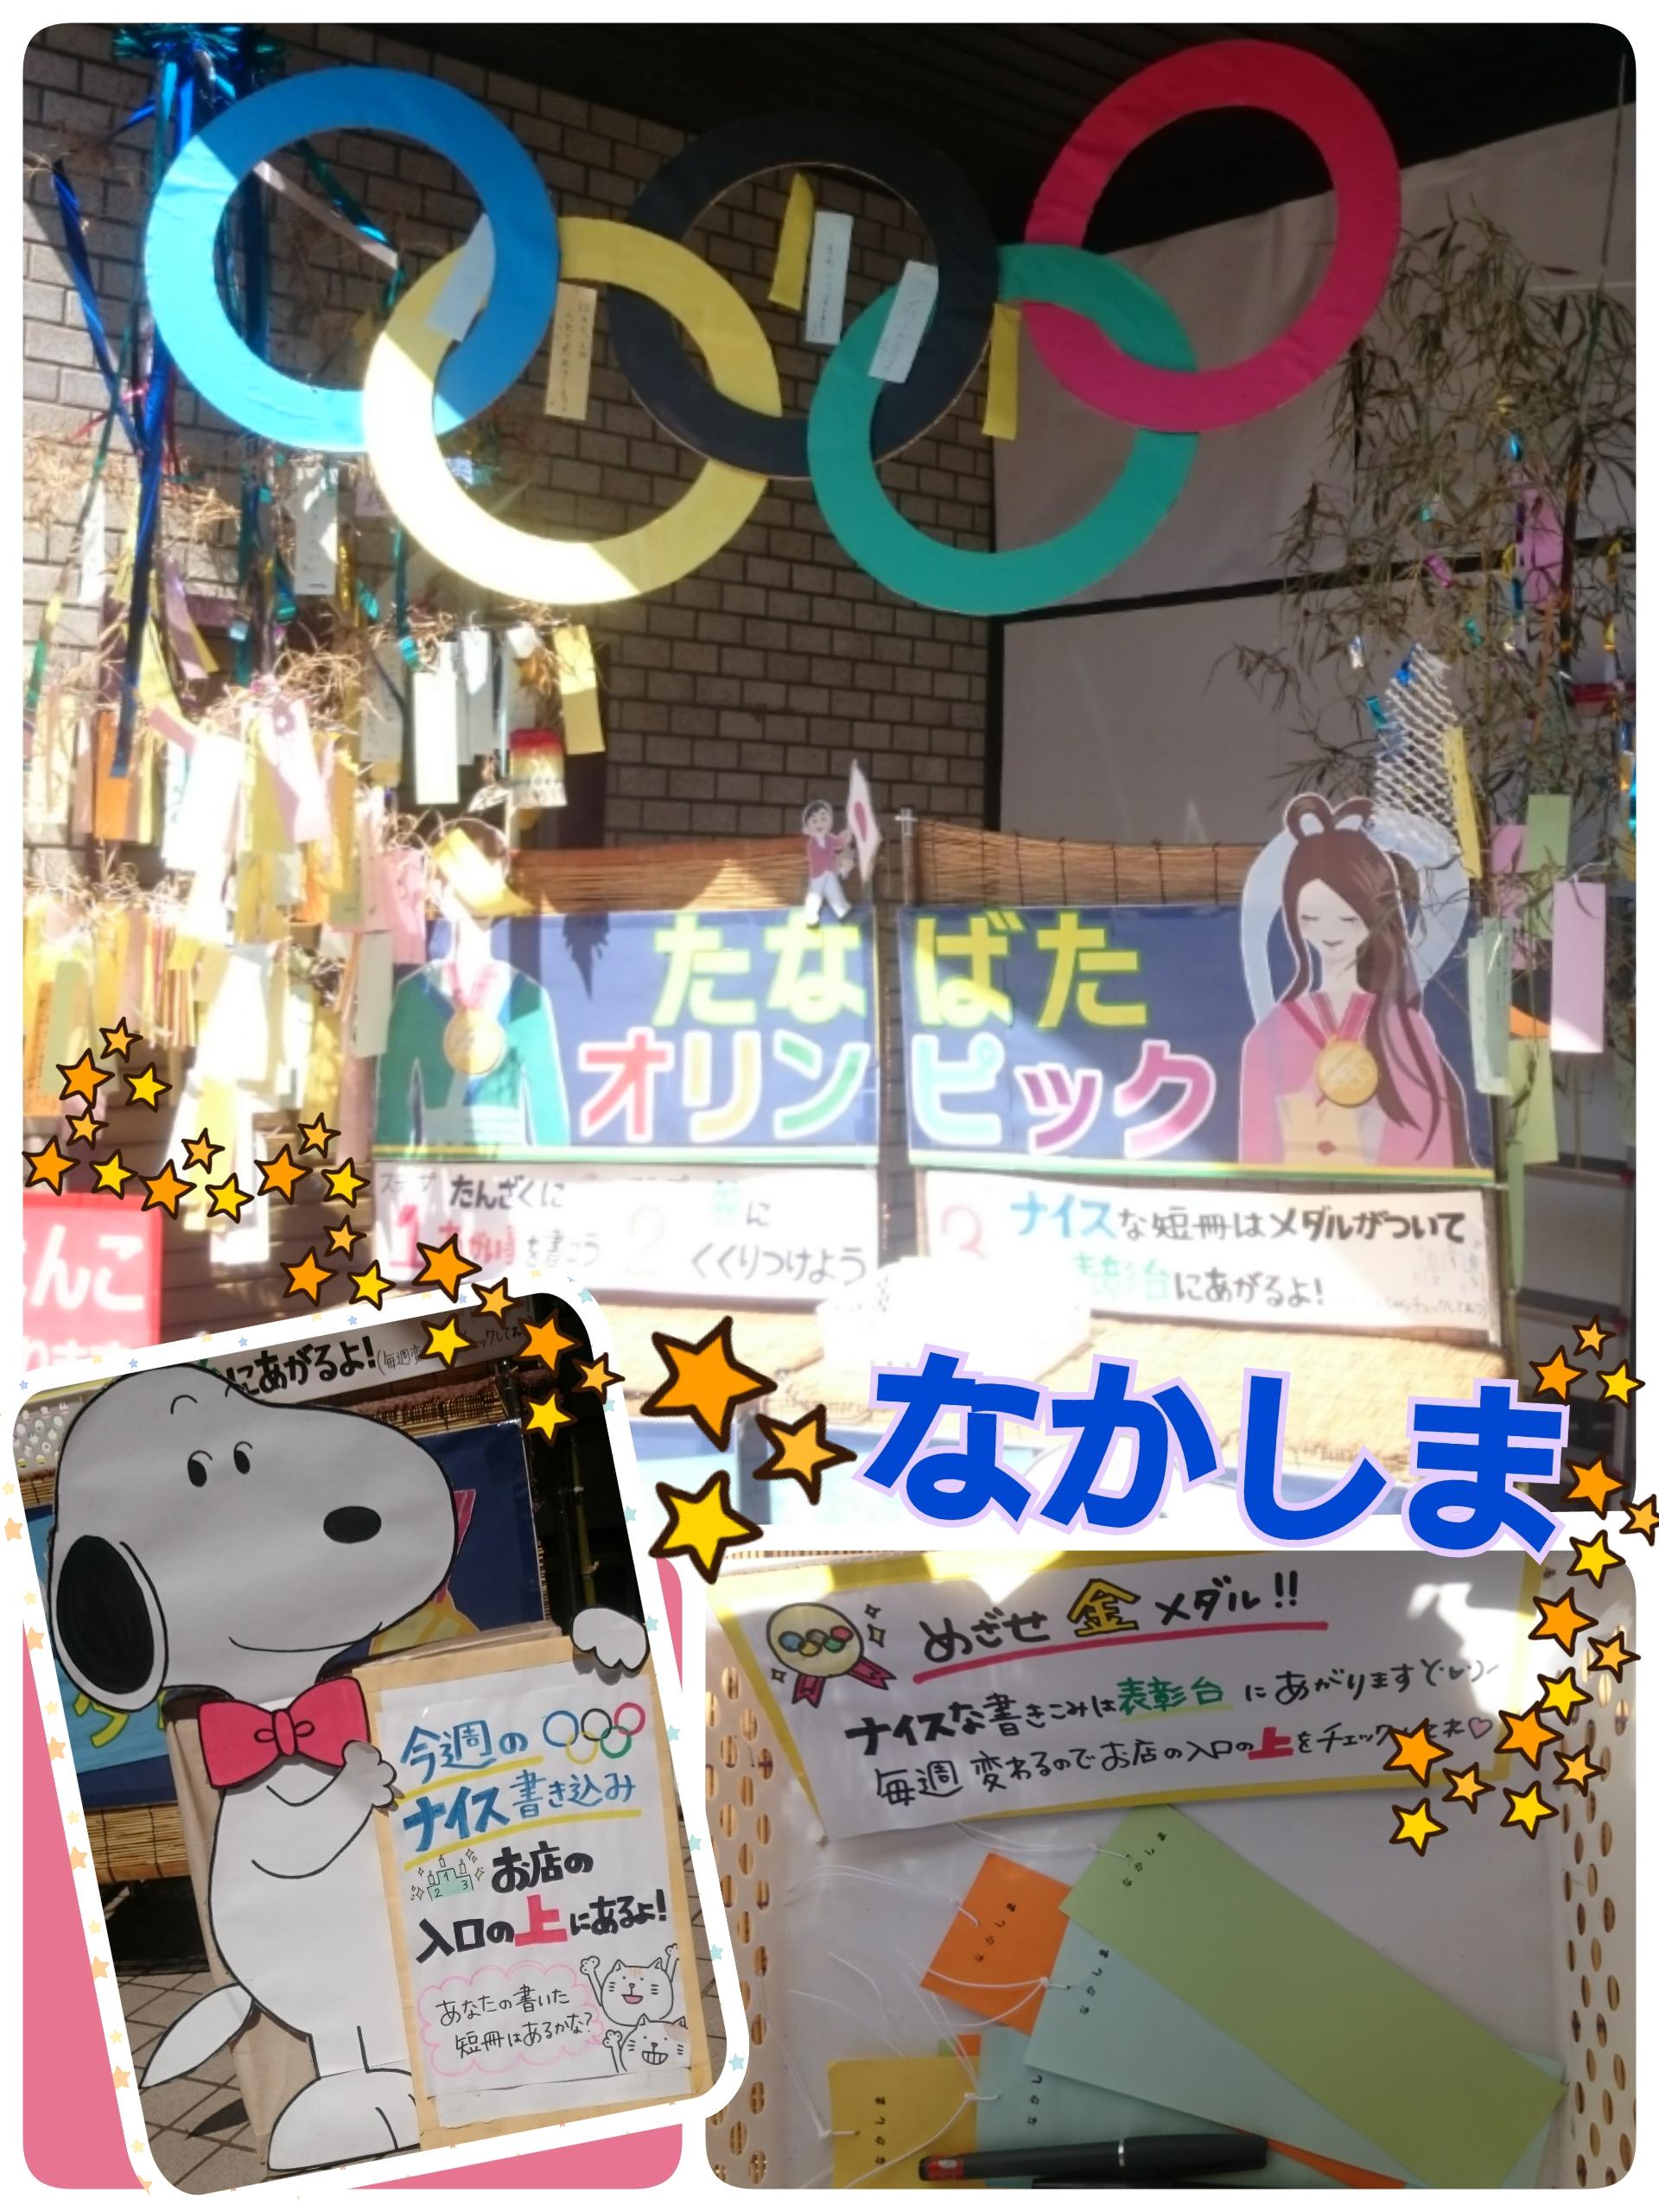 「なかしま」さん。七夕オリンピック開催中!!